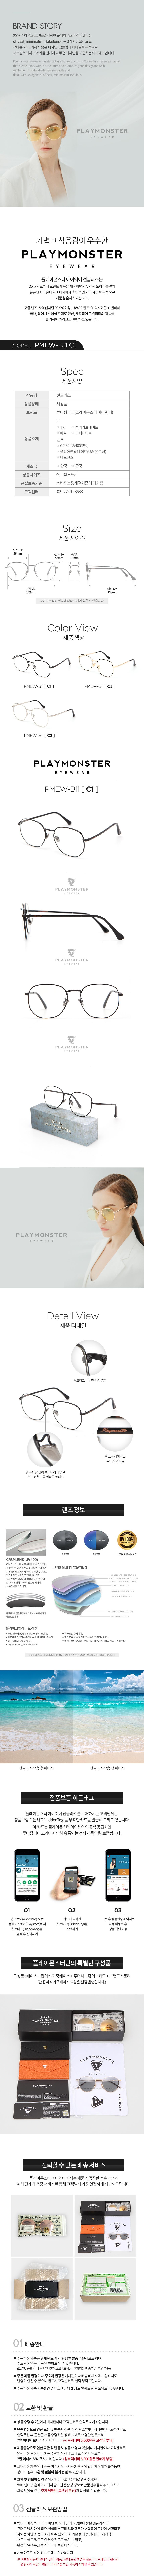 플레이몬스터 아이웨어(PLAYMONSTER EYEWEAR) 신상품 입고-유니크한 디자인-RMEW-B11-C1 블랙